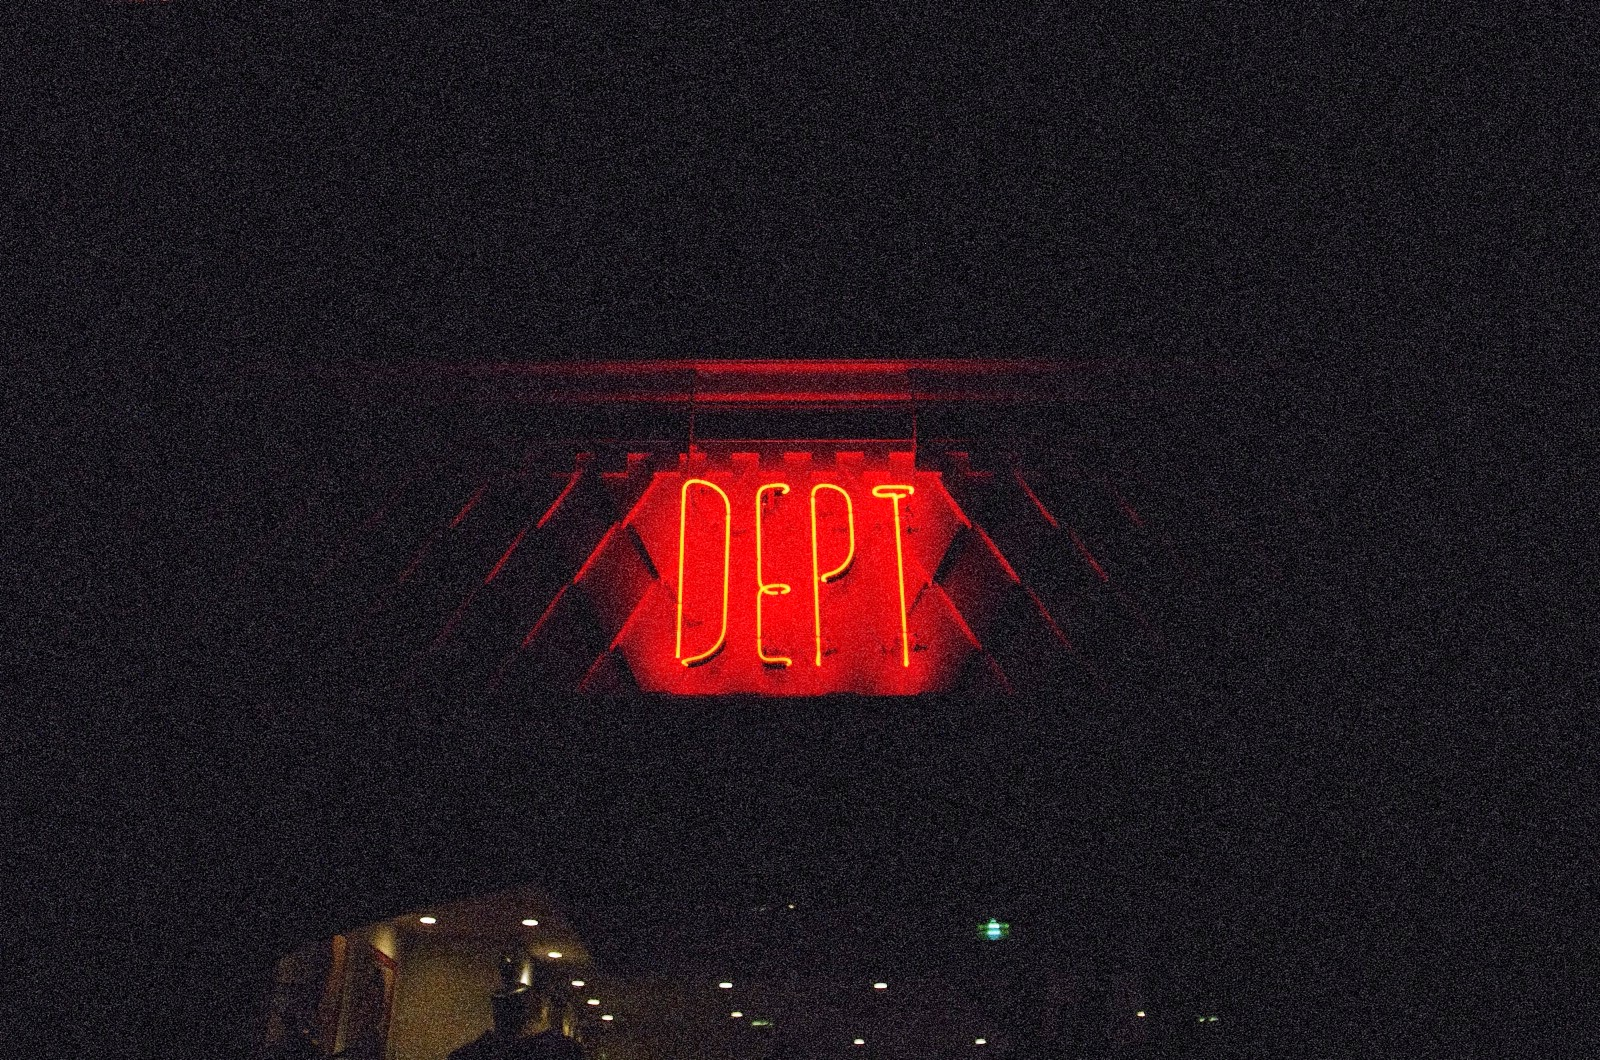 DEPT TOKYO에 �한 이미� �색결과